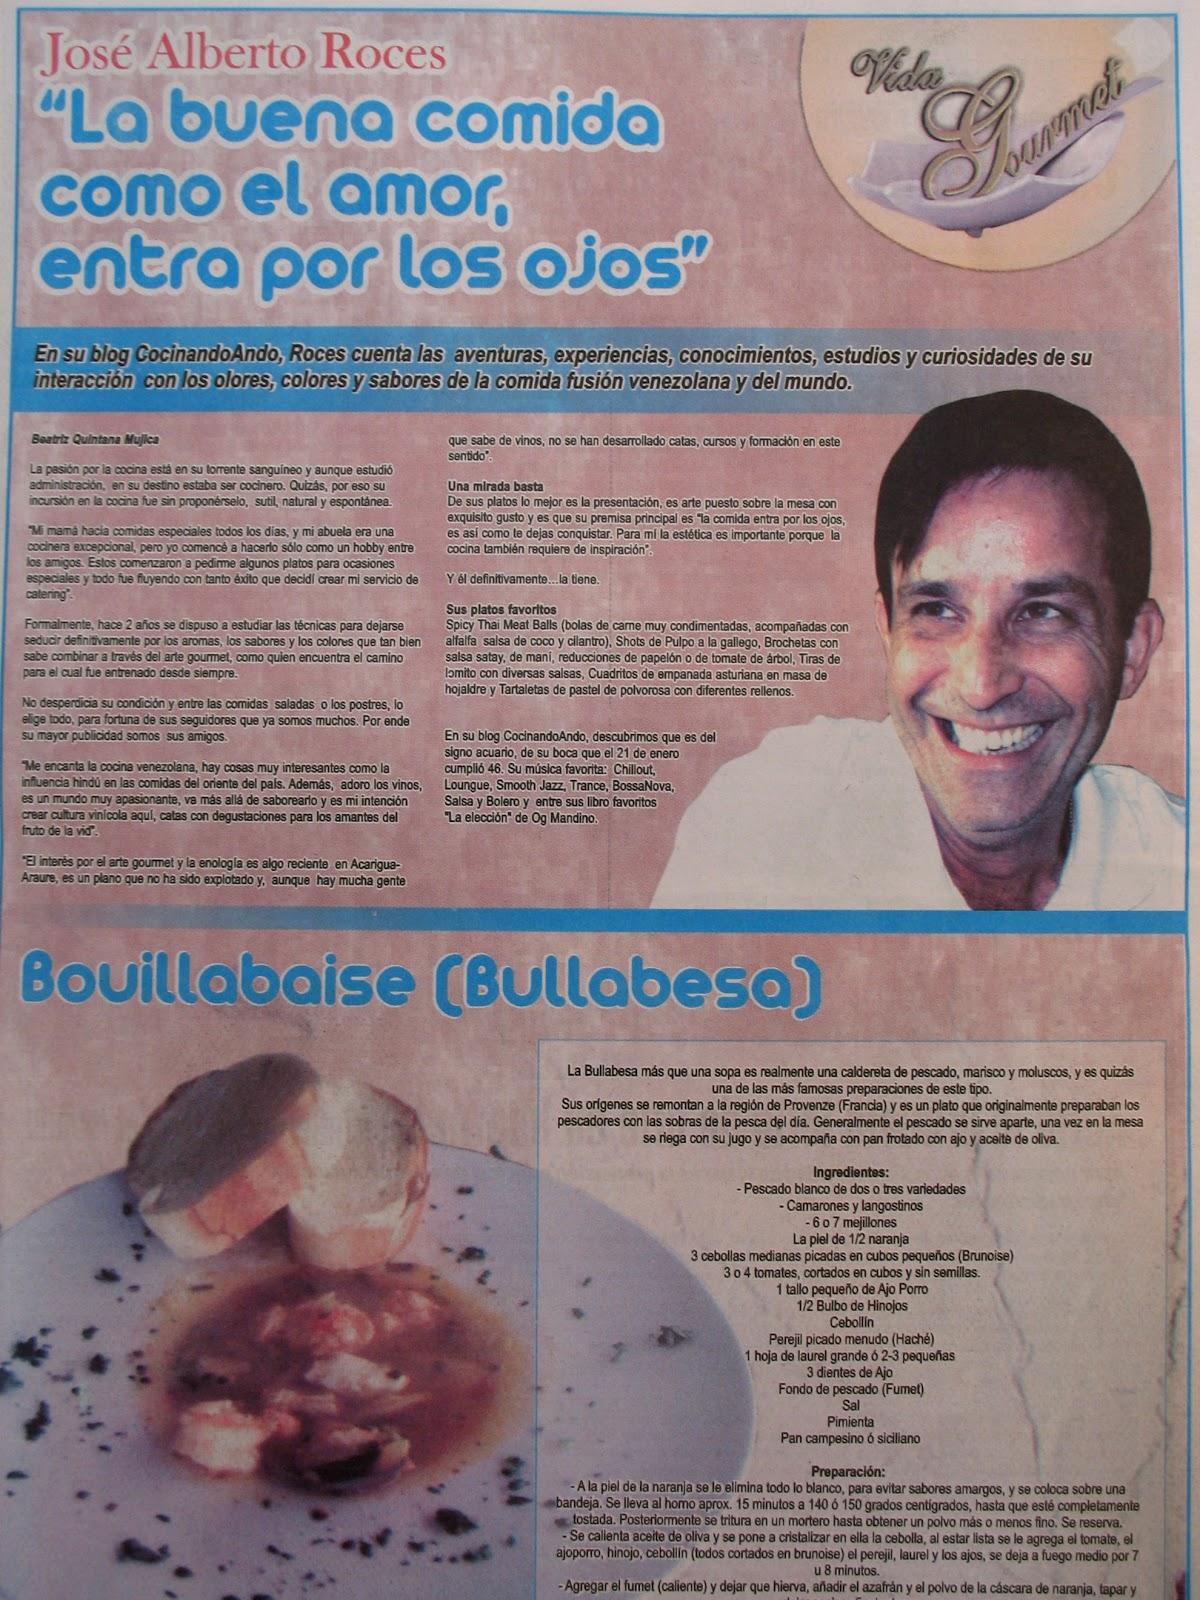 Cocinandoando entrevista diario ultima hora 30 01 2011 for Bmn clausulas suelo ultima hora